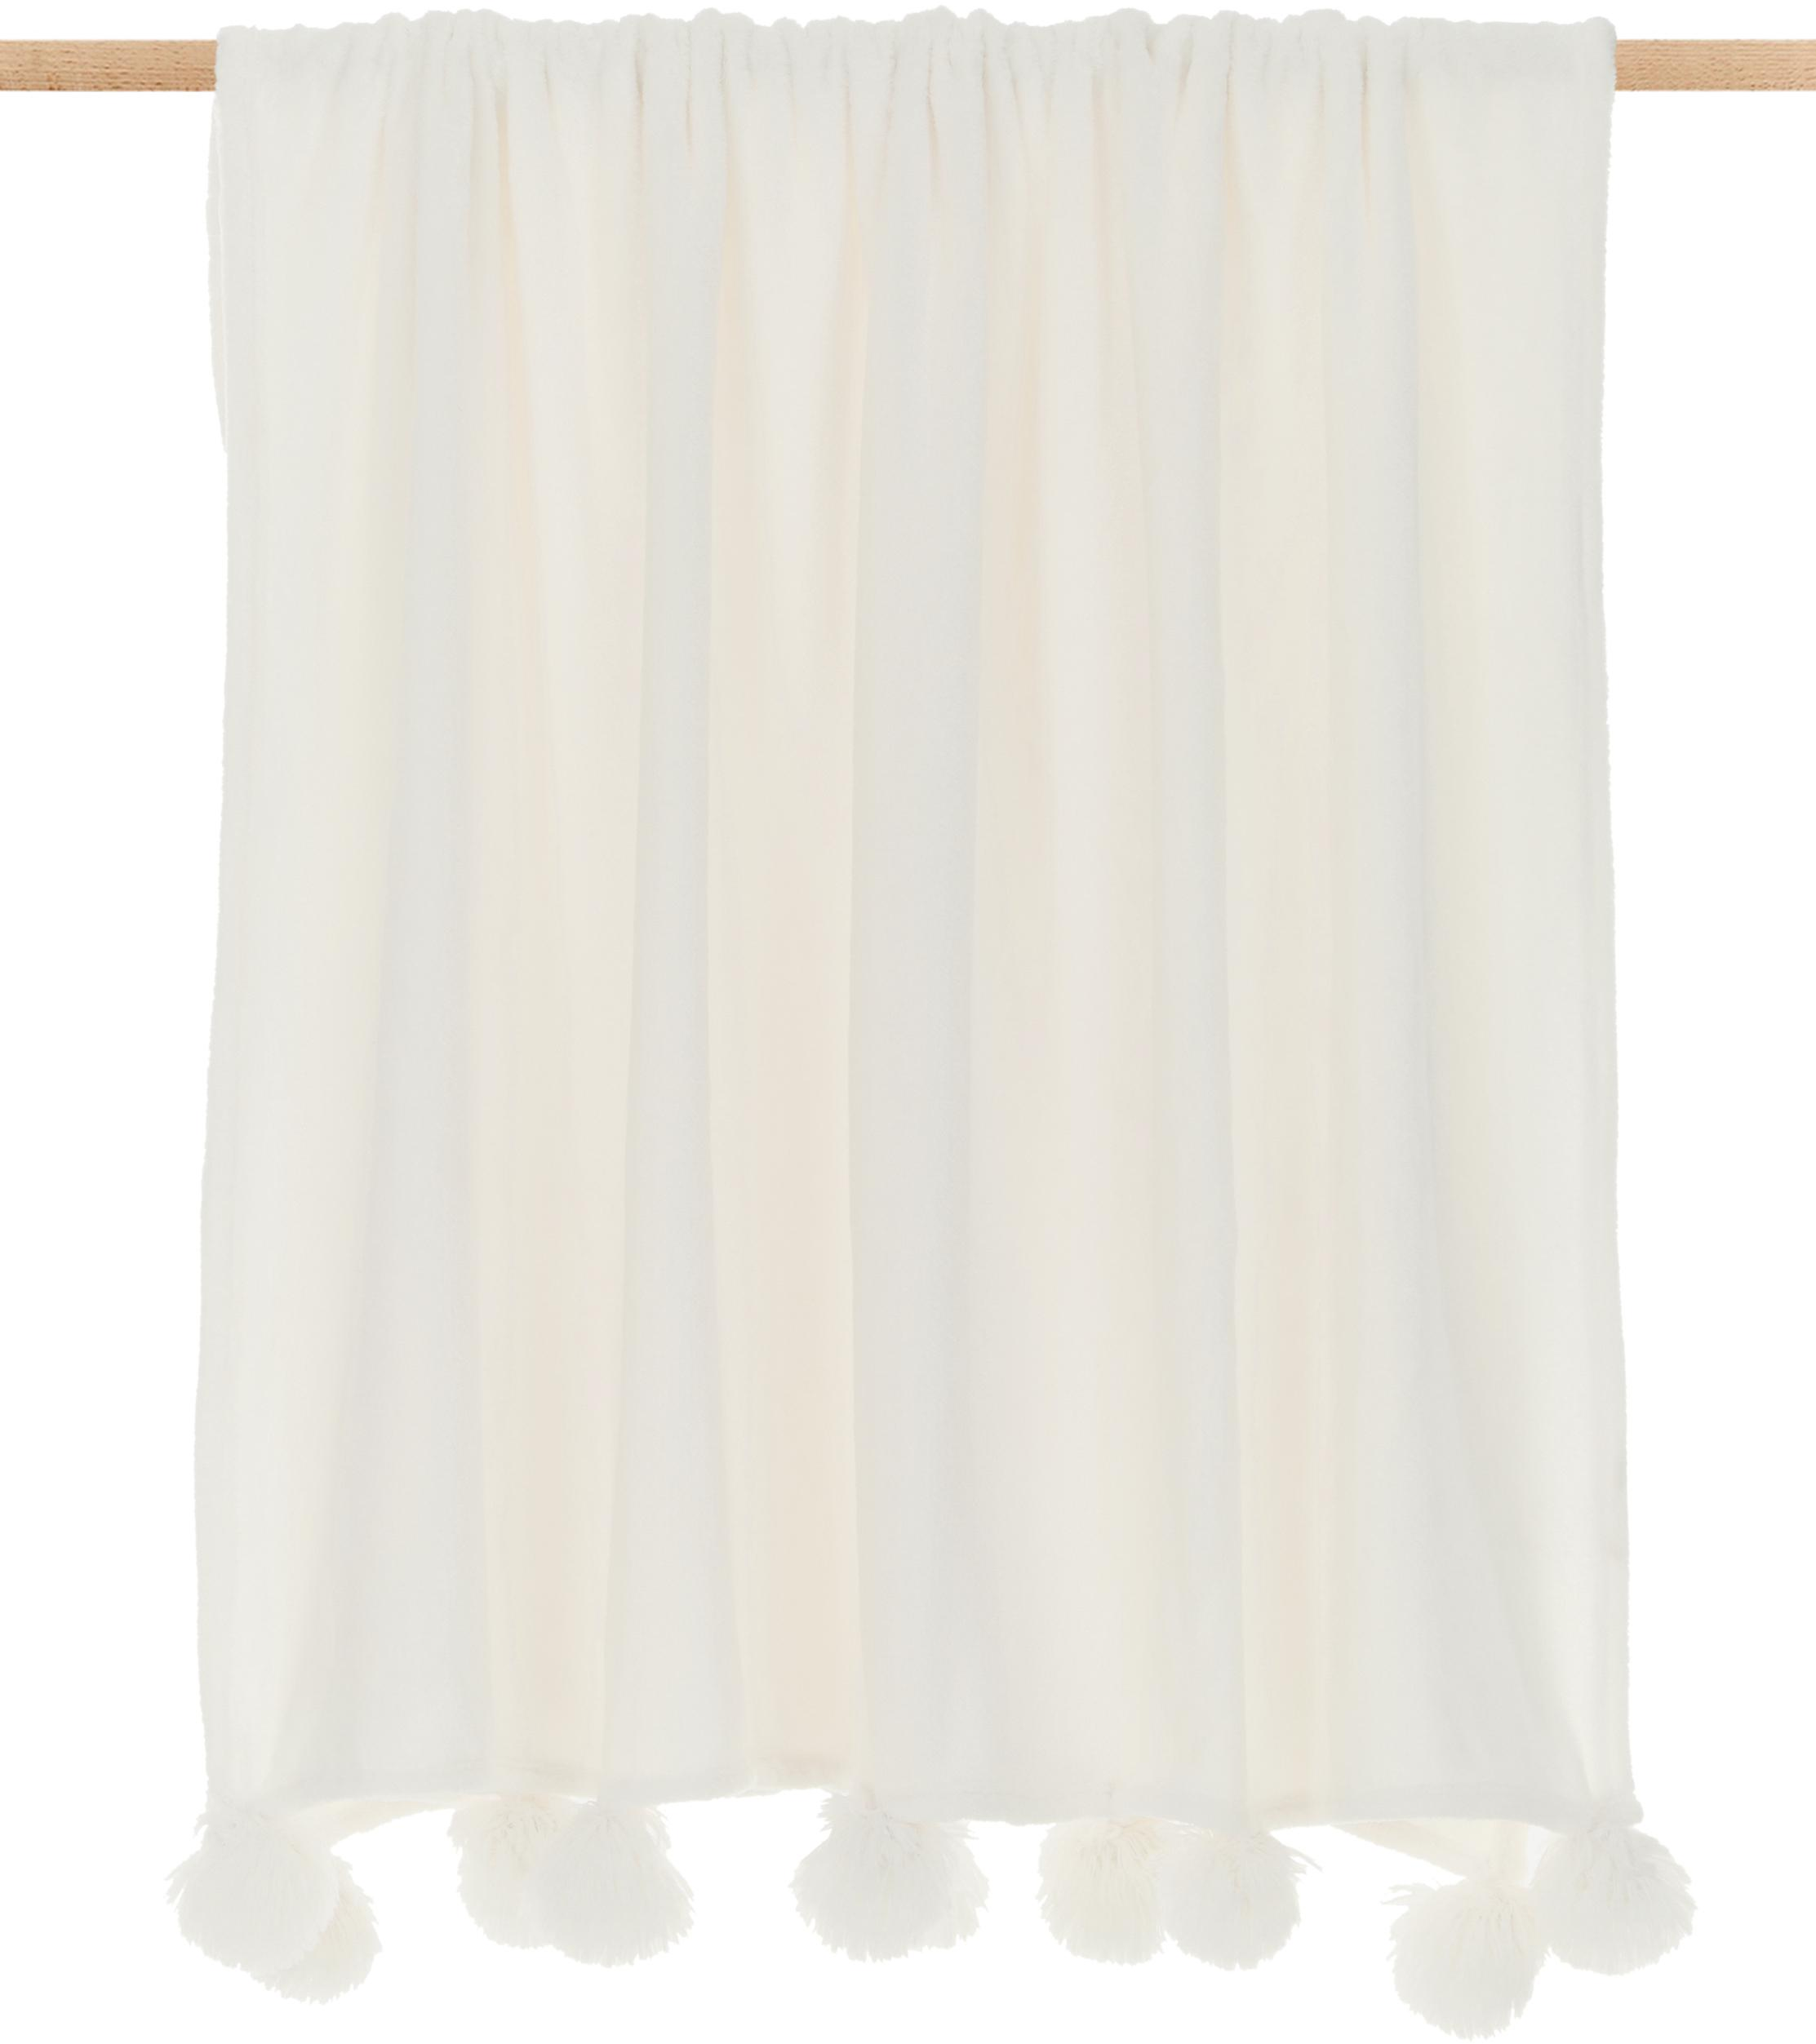 Manta de tela polar Bomla, Poliéster, Crema, An 130 x L 170 cm